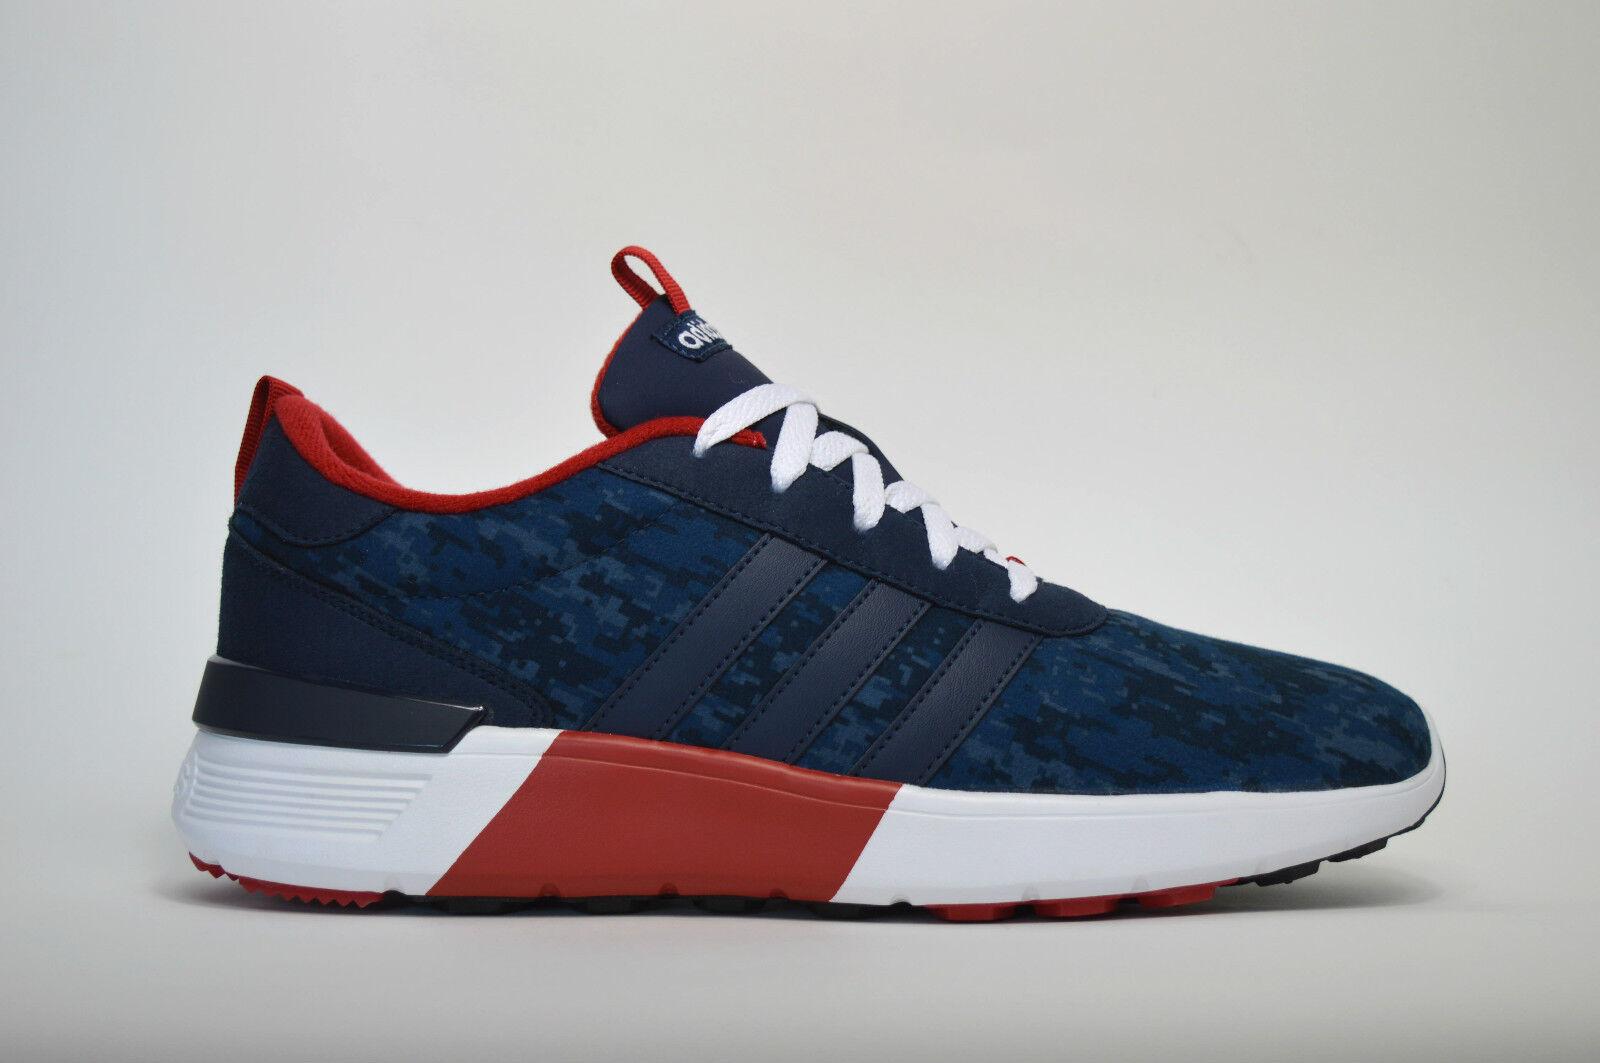 Adidas Lite Racer WTR NEU Sneaker Herren Navy zx max roshe boost yeezy ultra